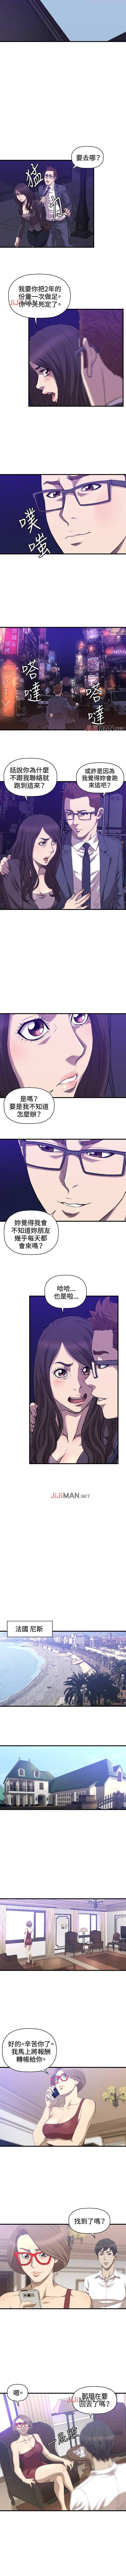 【已完结】索多玛俱乐部(作者:何藝媛&庫奈尼) 第1~32话 149